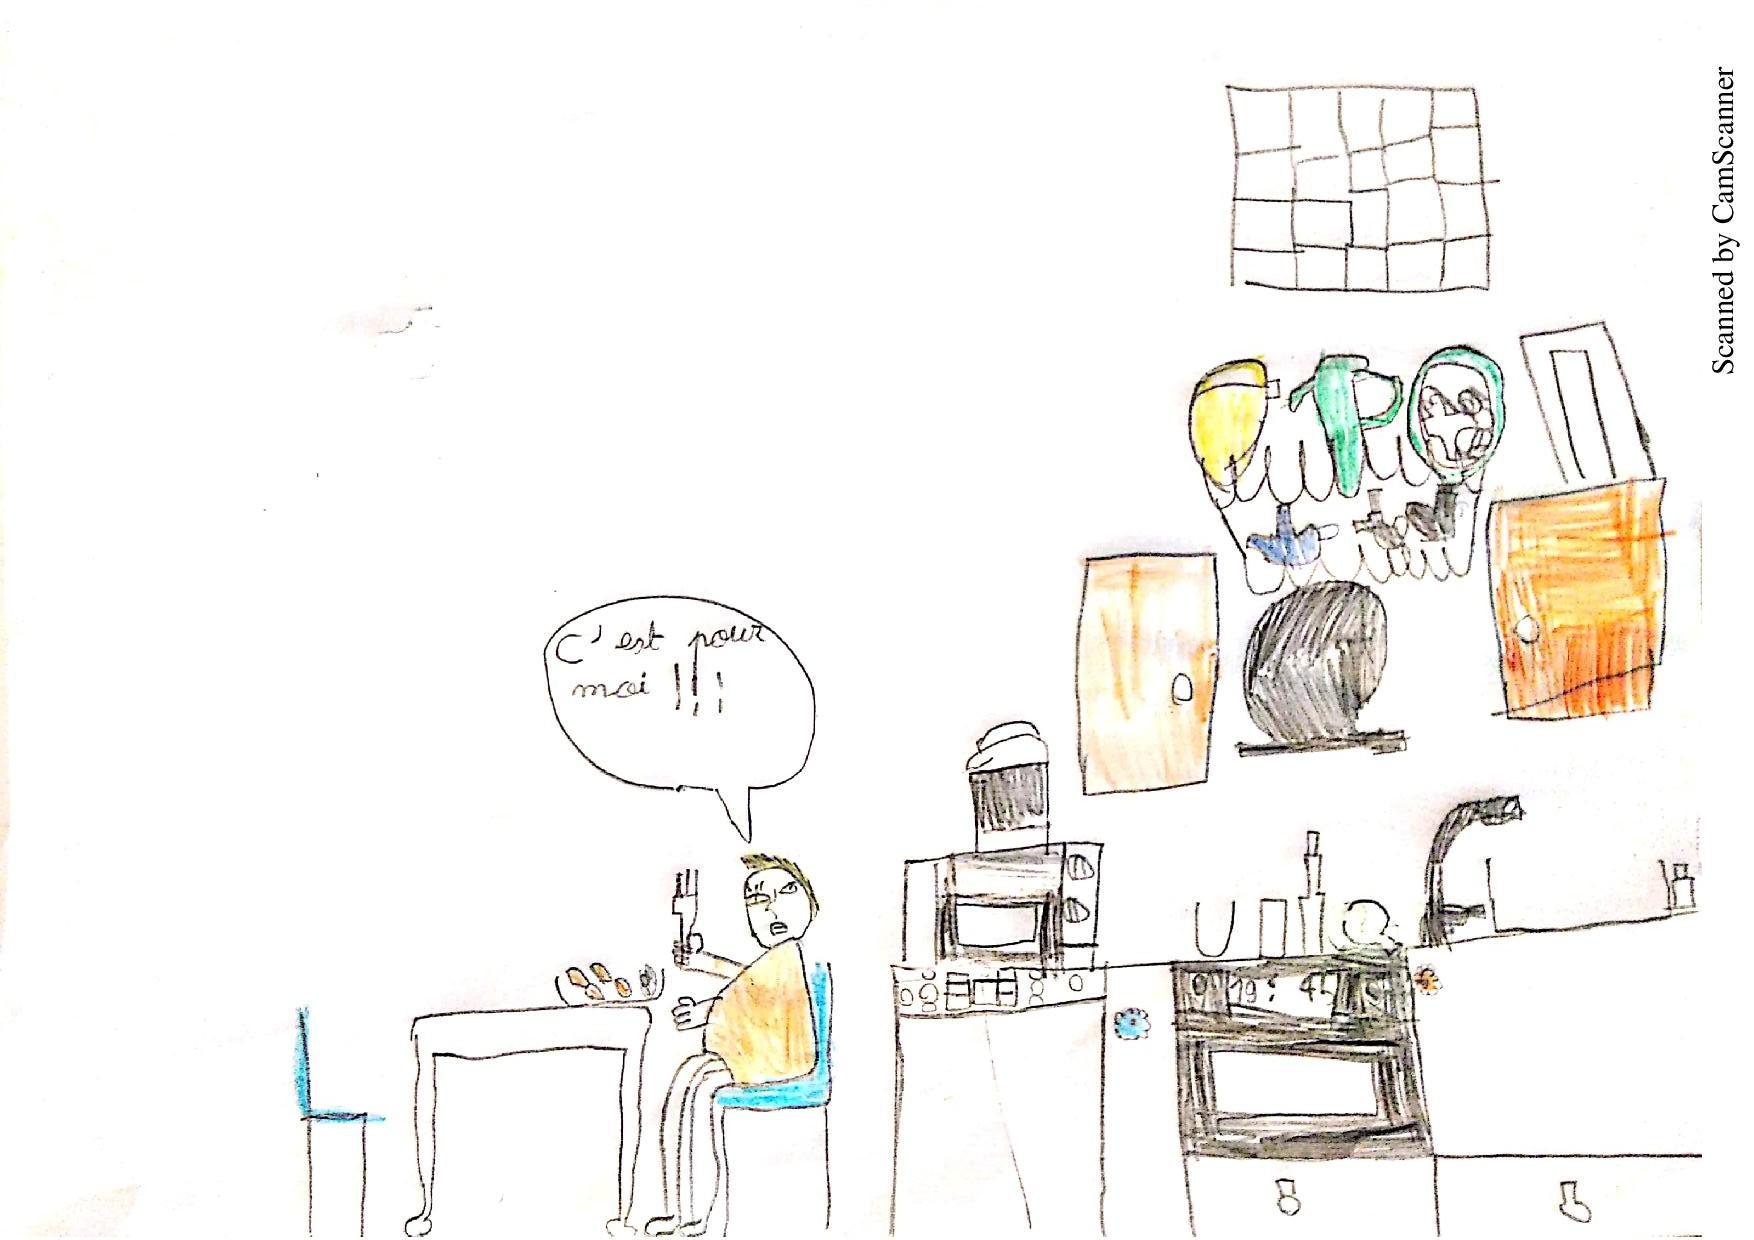 dessin Emilien associé au journal de bord_poulet frit-page-001